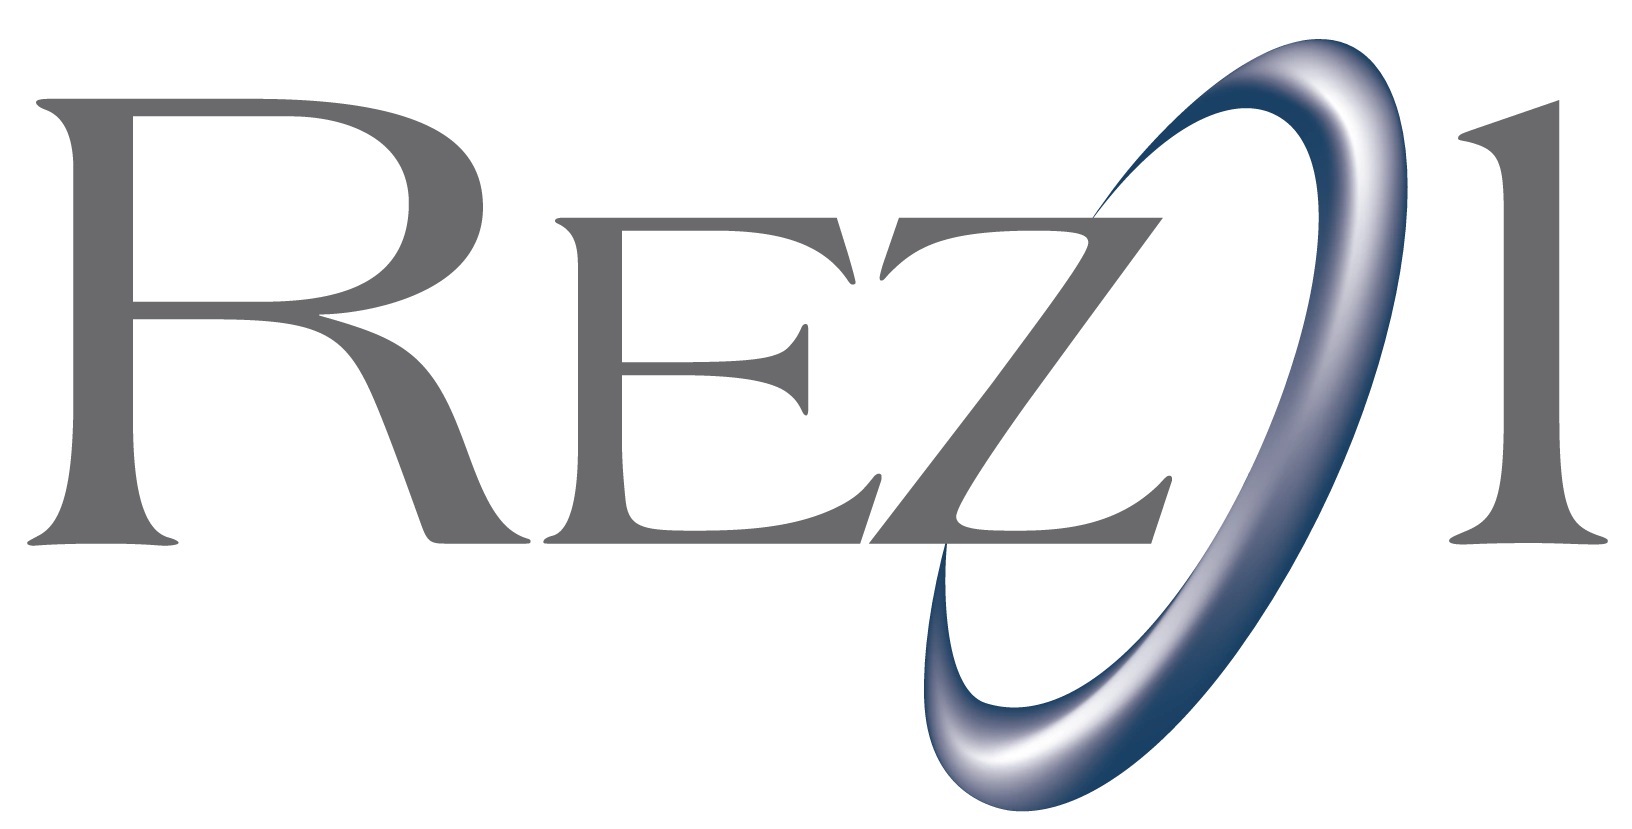 Rez1.png